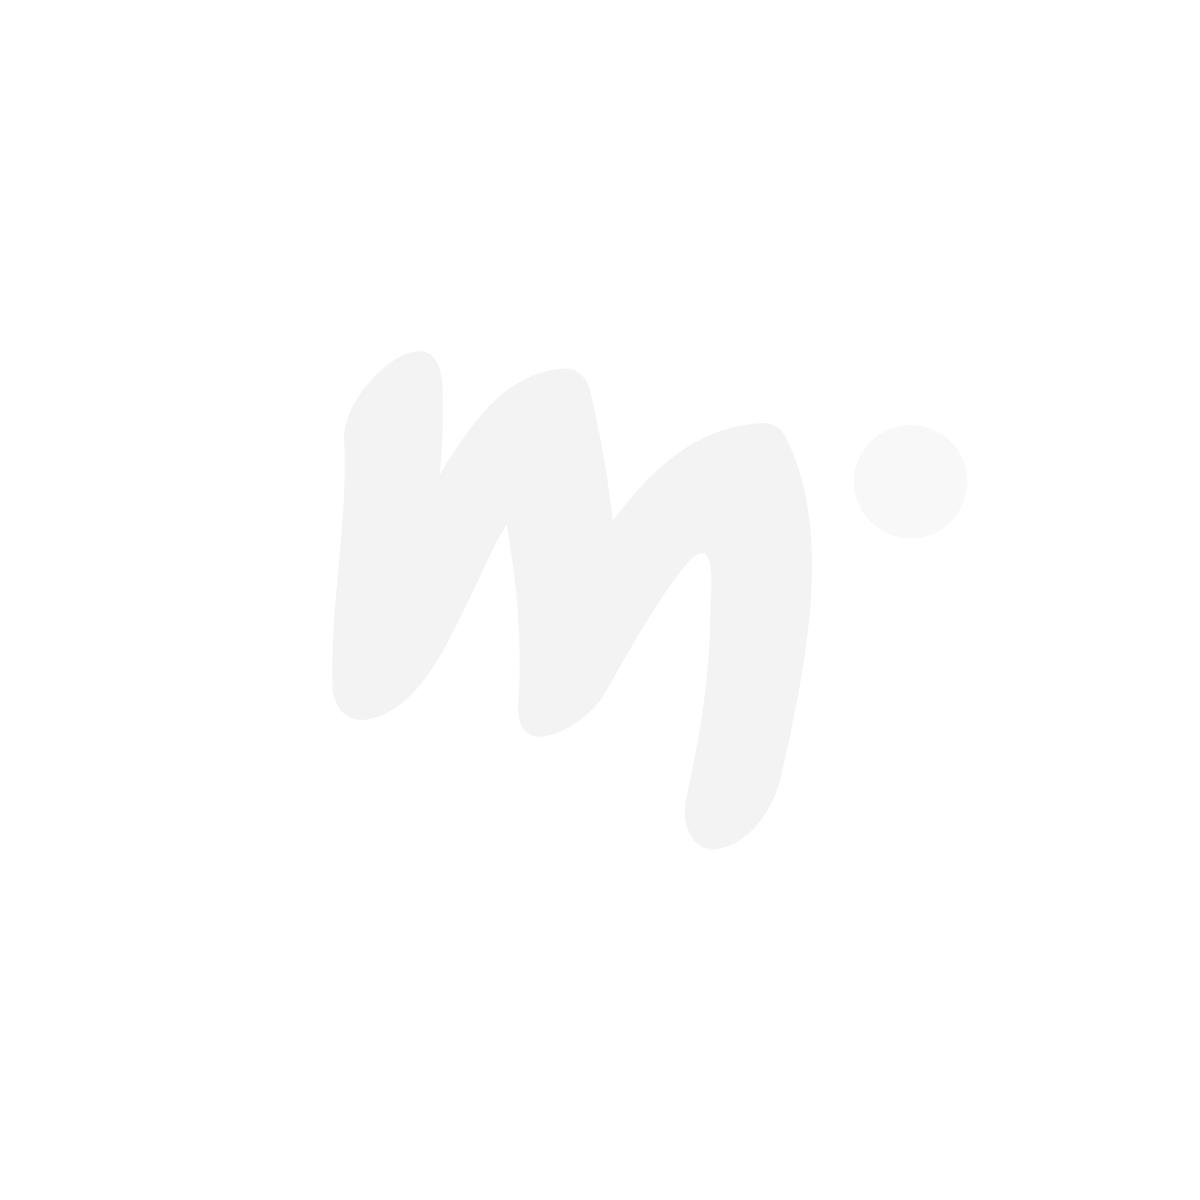 Muumi Puutarha-kakkuvuoka